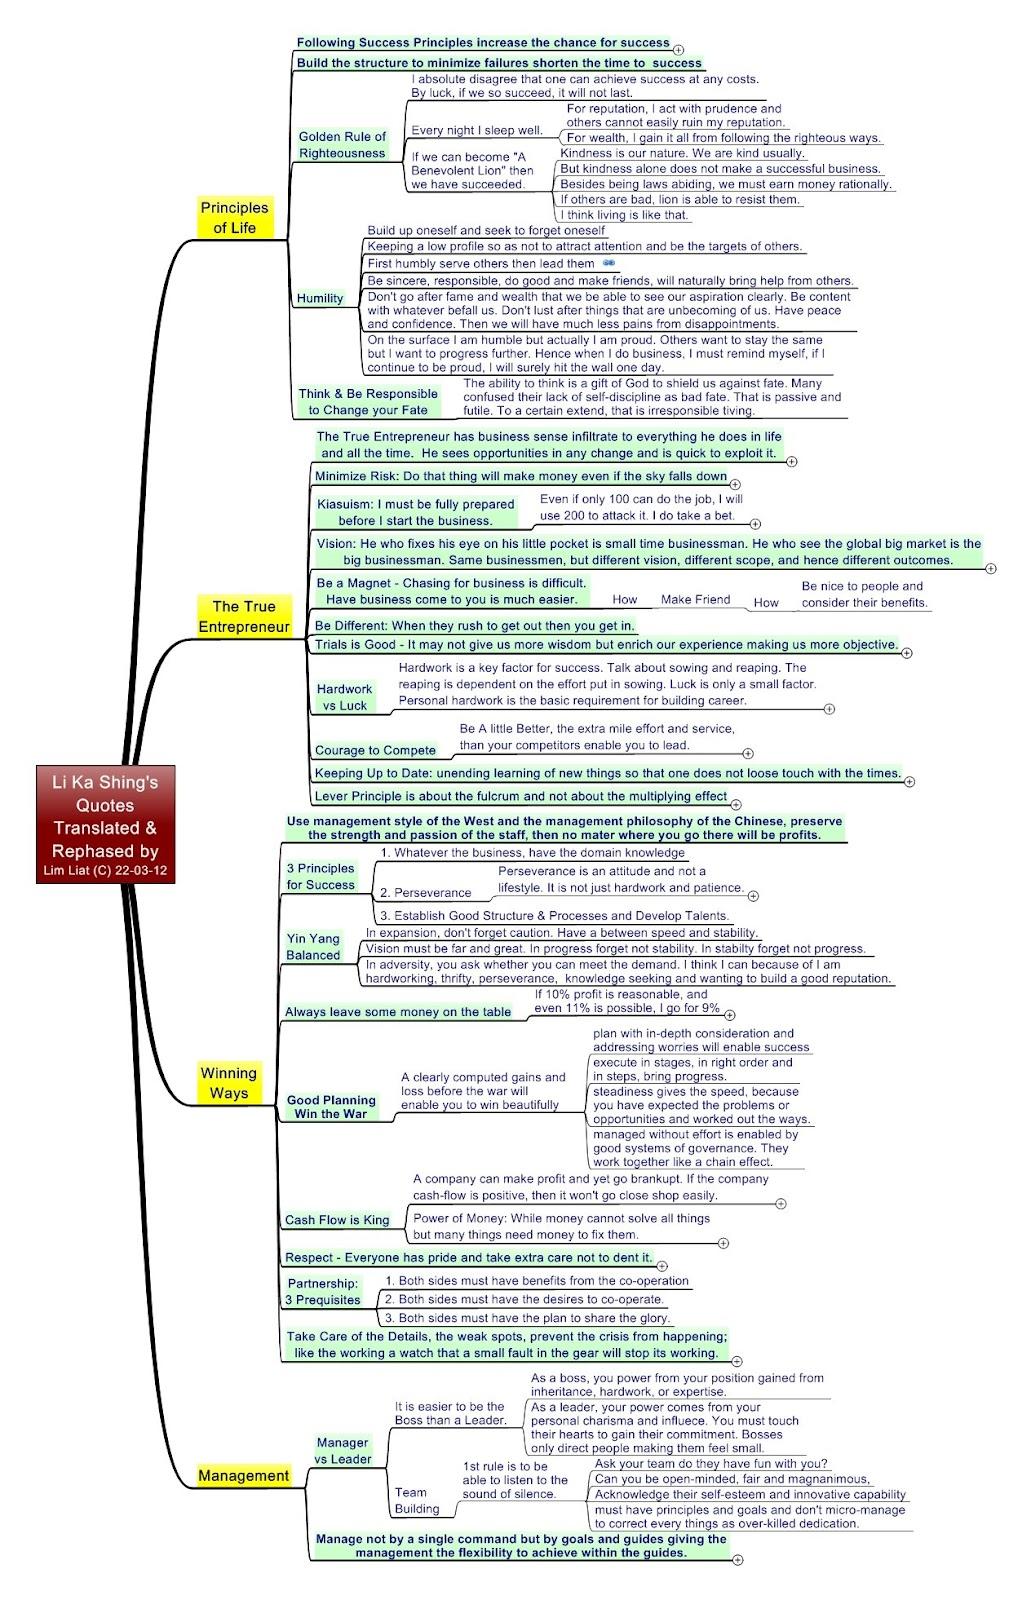 http://4.bp.blogspot.com/-0HFGEnOdXOA/T2sAhi6nEzI/AAAAAAAABBo/4oxznWXVLlI/s1600/Li%2BKa%2BShing